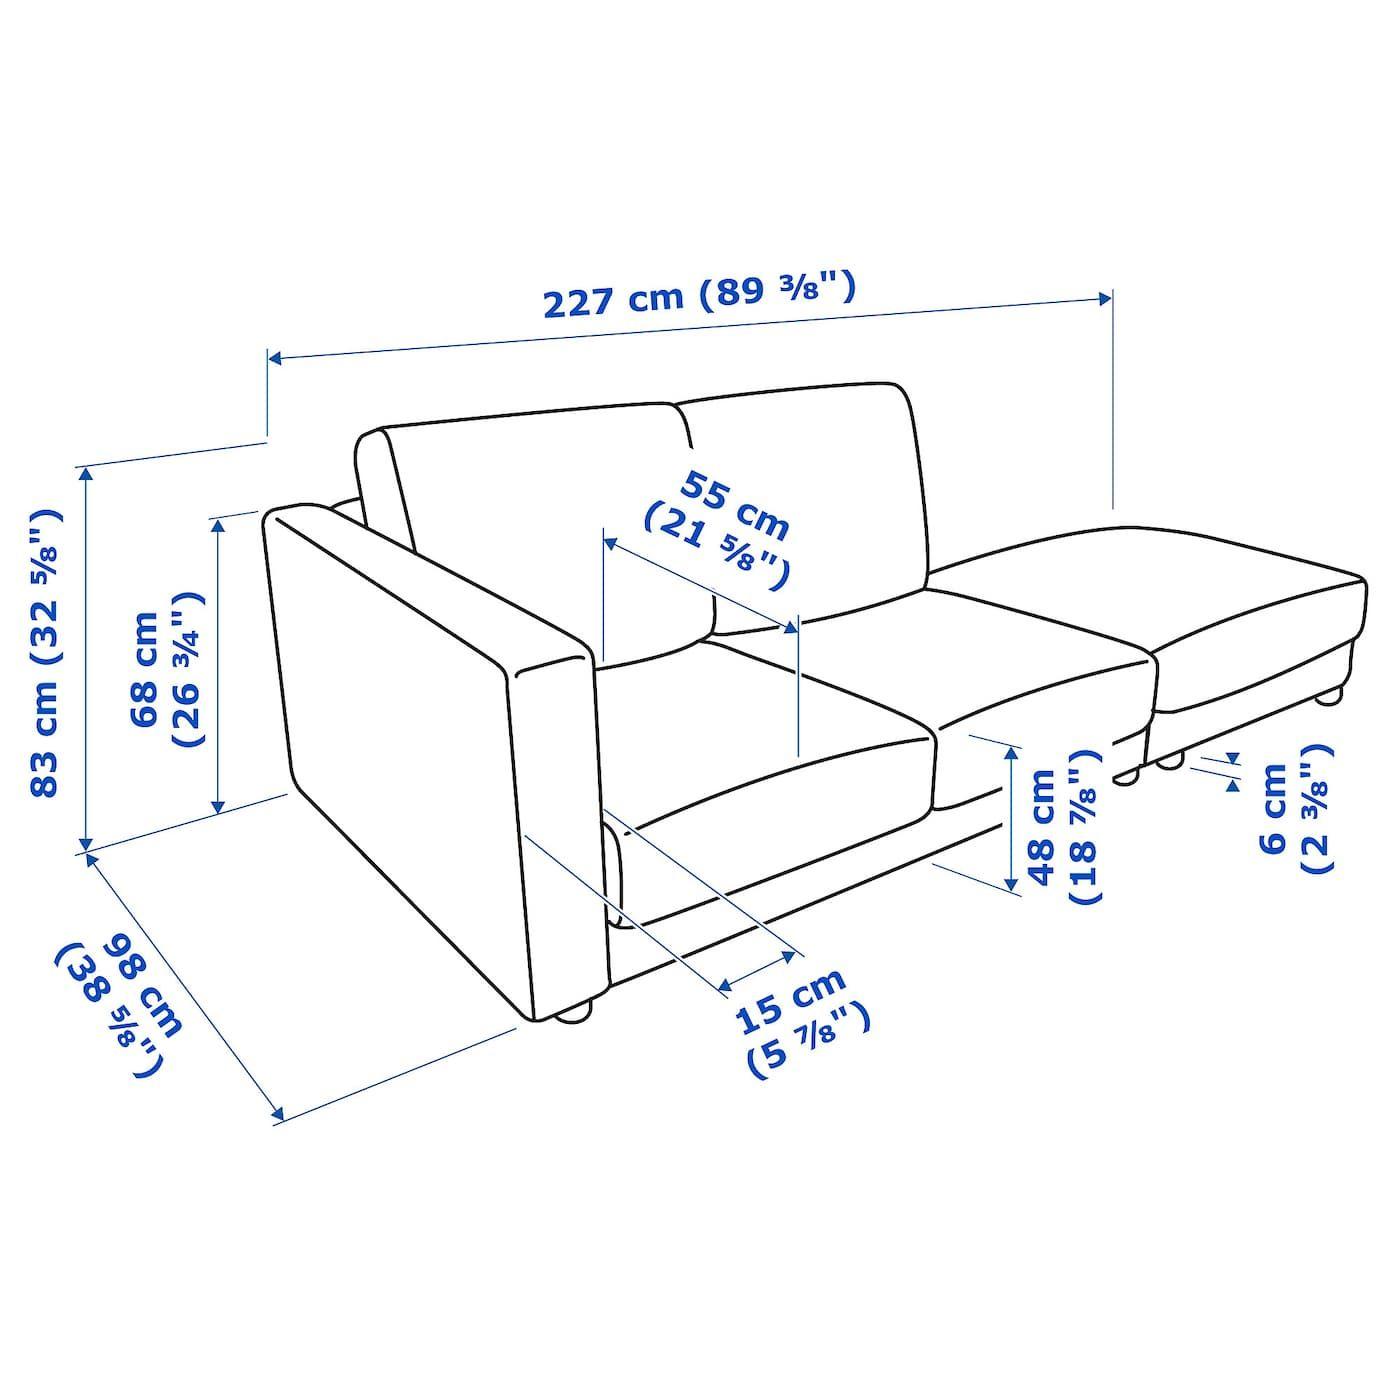 Ikea Vimle Sofa With Open End Tallmyra Beige Ikea Ikea Vimle Sofa Ikea Vimle